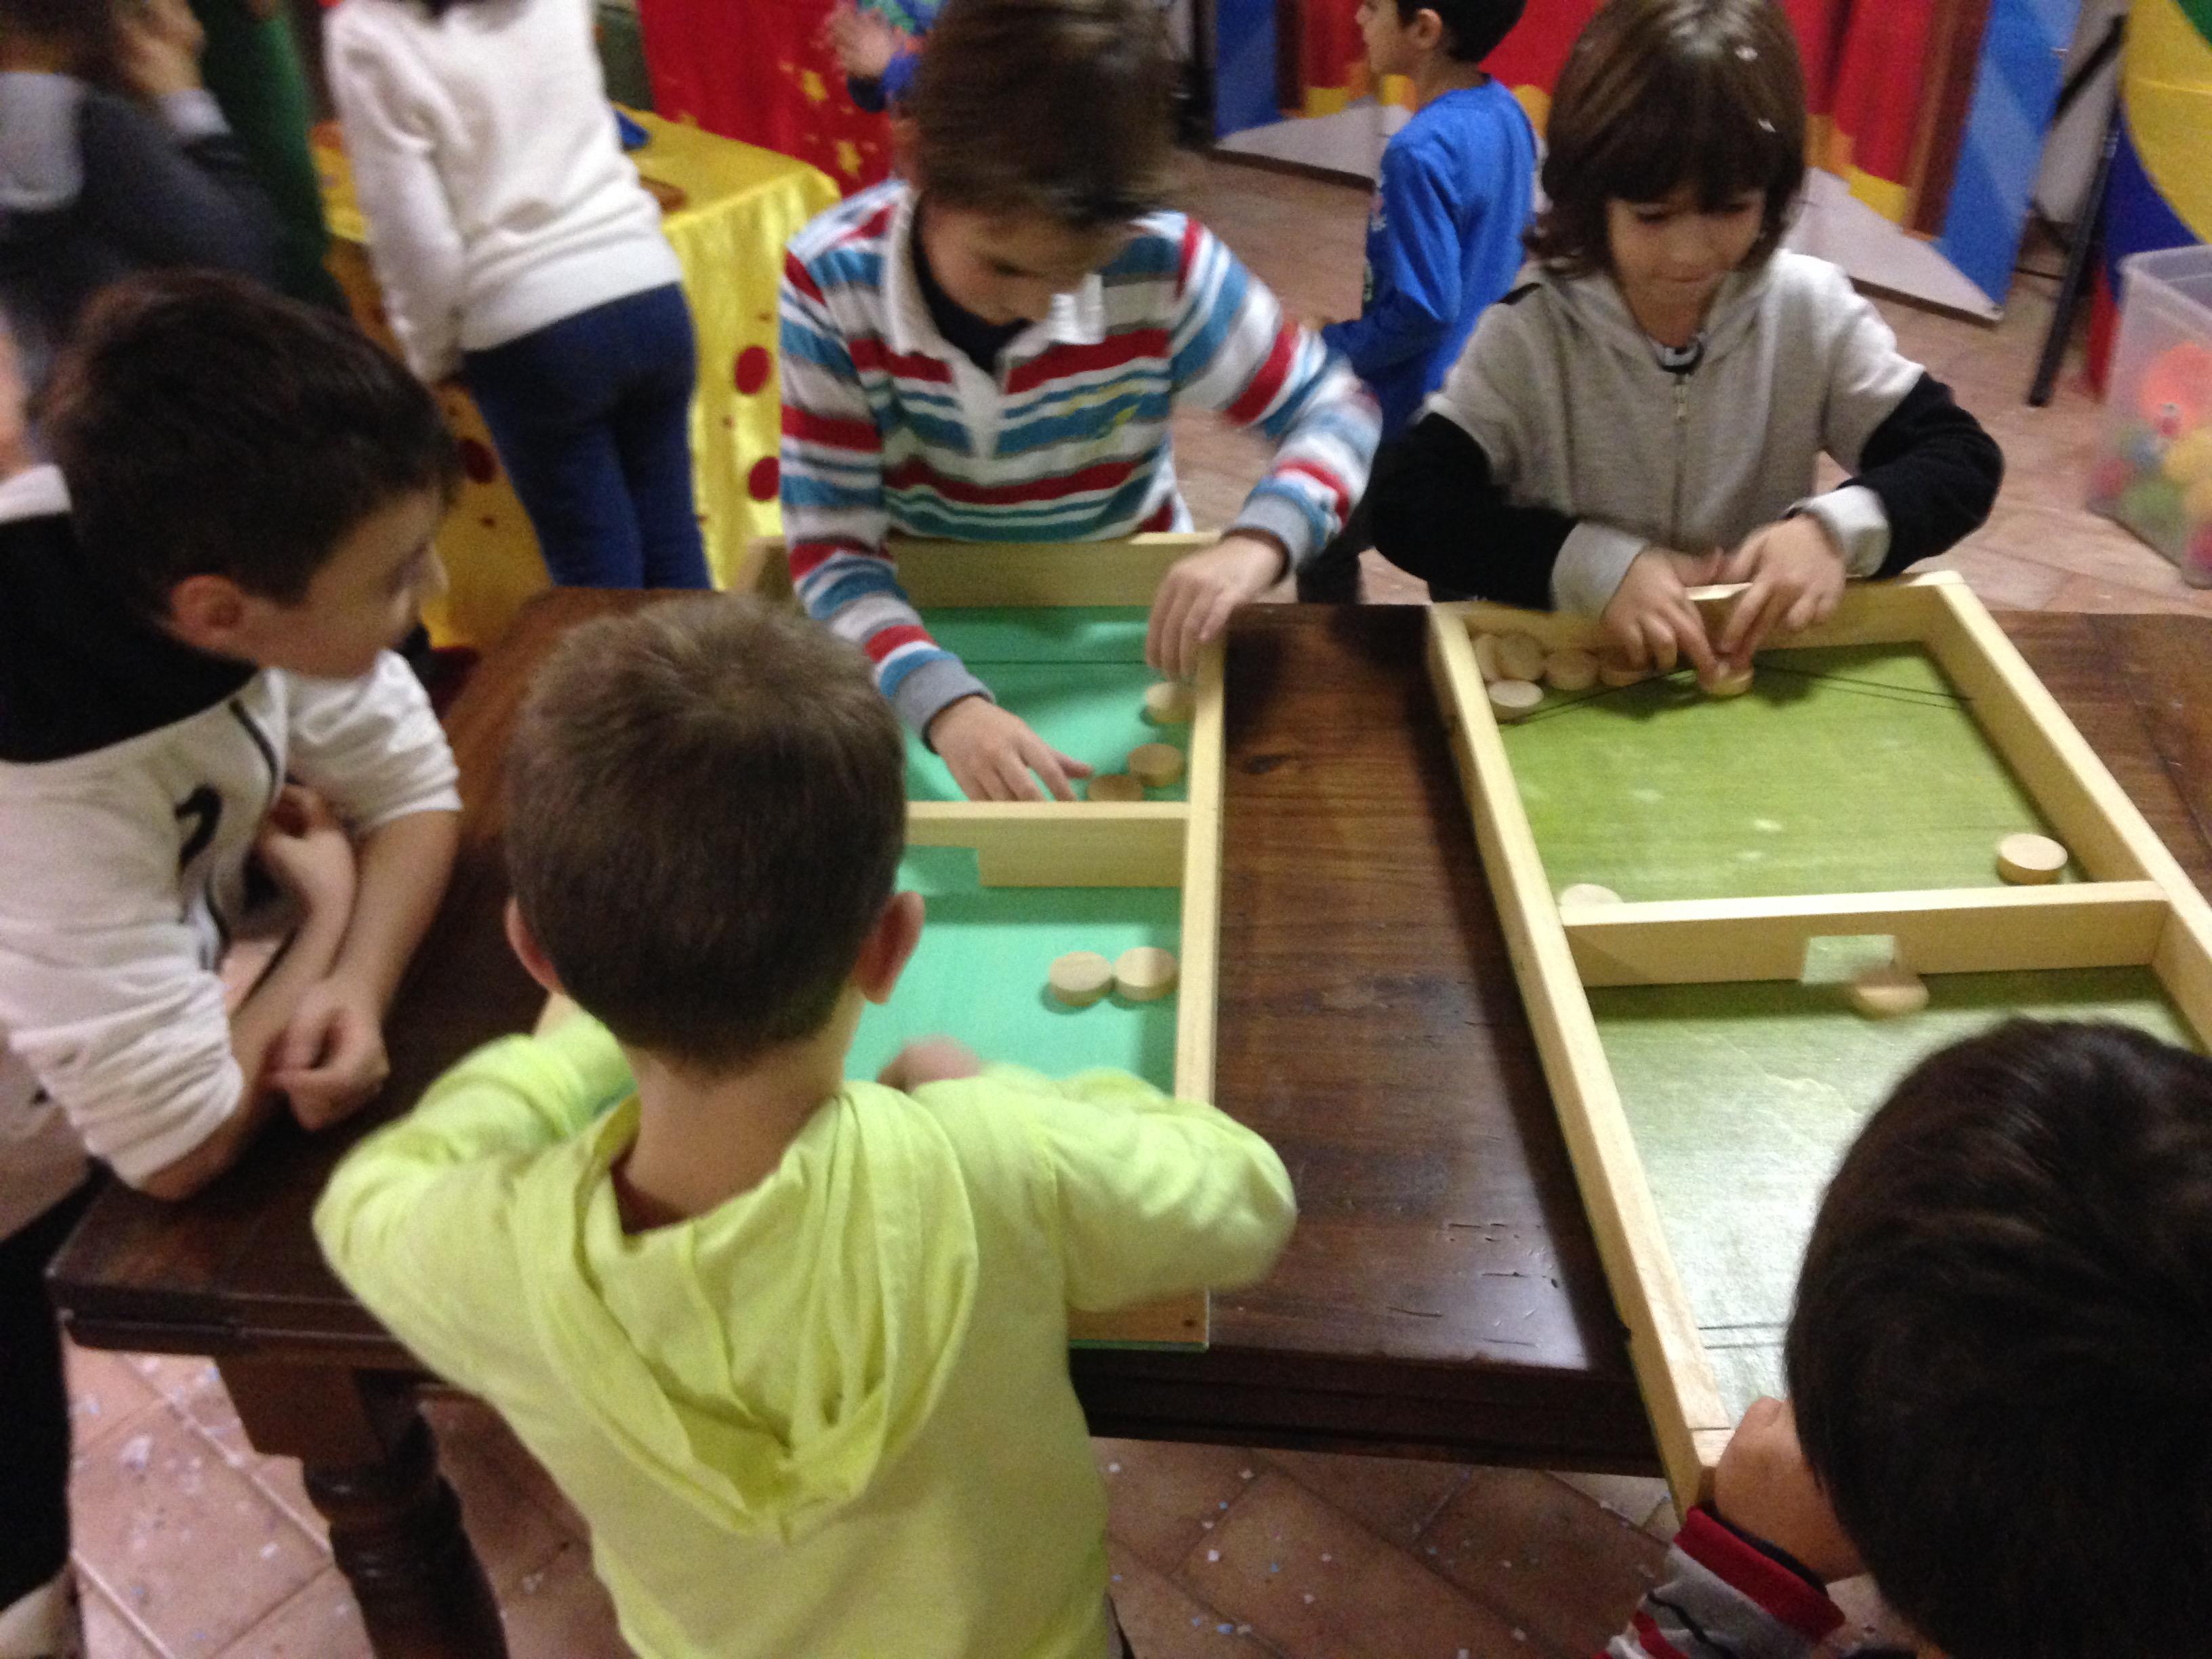 Villaggio Dei Balocchi In Legno Per Bambini A Firenze Ed Arezzo